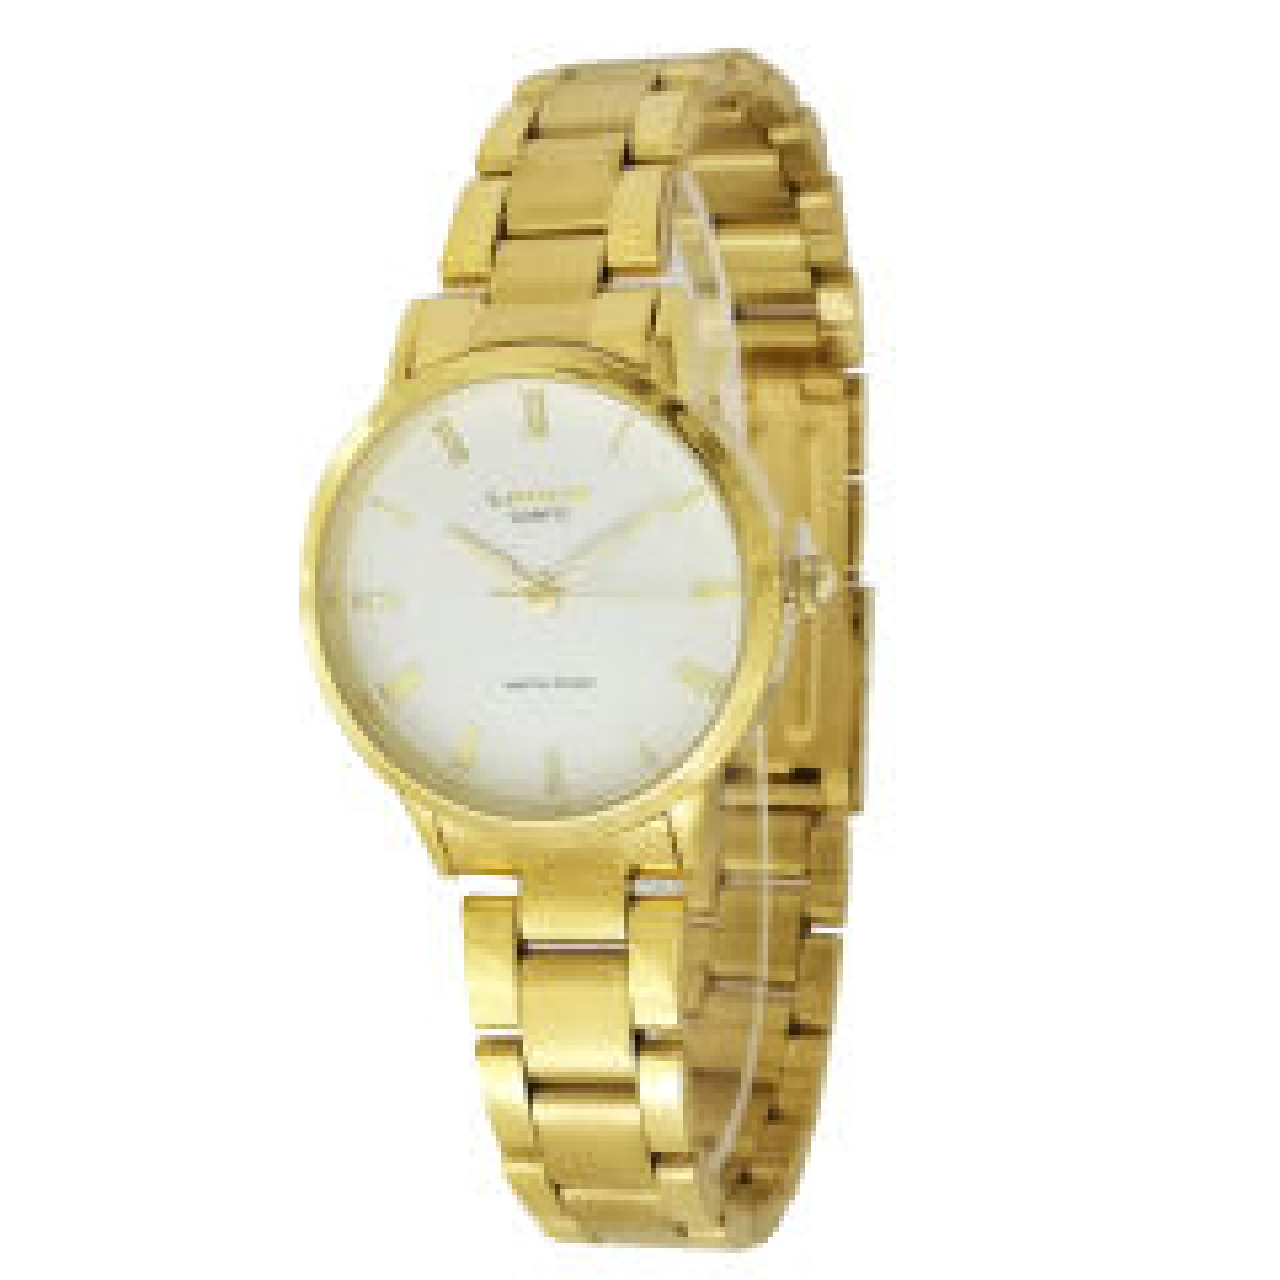 ساعت مچی عقربه ای زنانه لاروس مدل  0118-80208 به همراه دستمال مخصوص برند کلین واچ